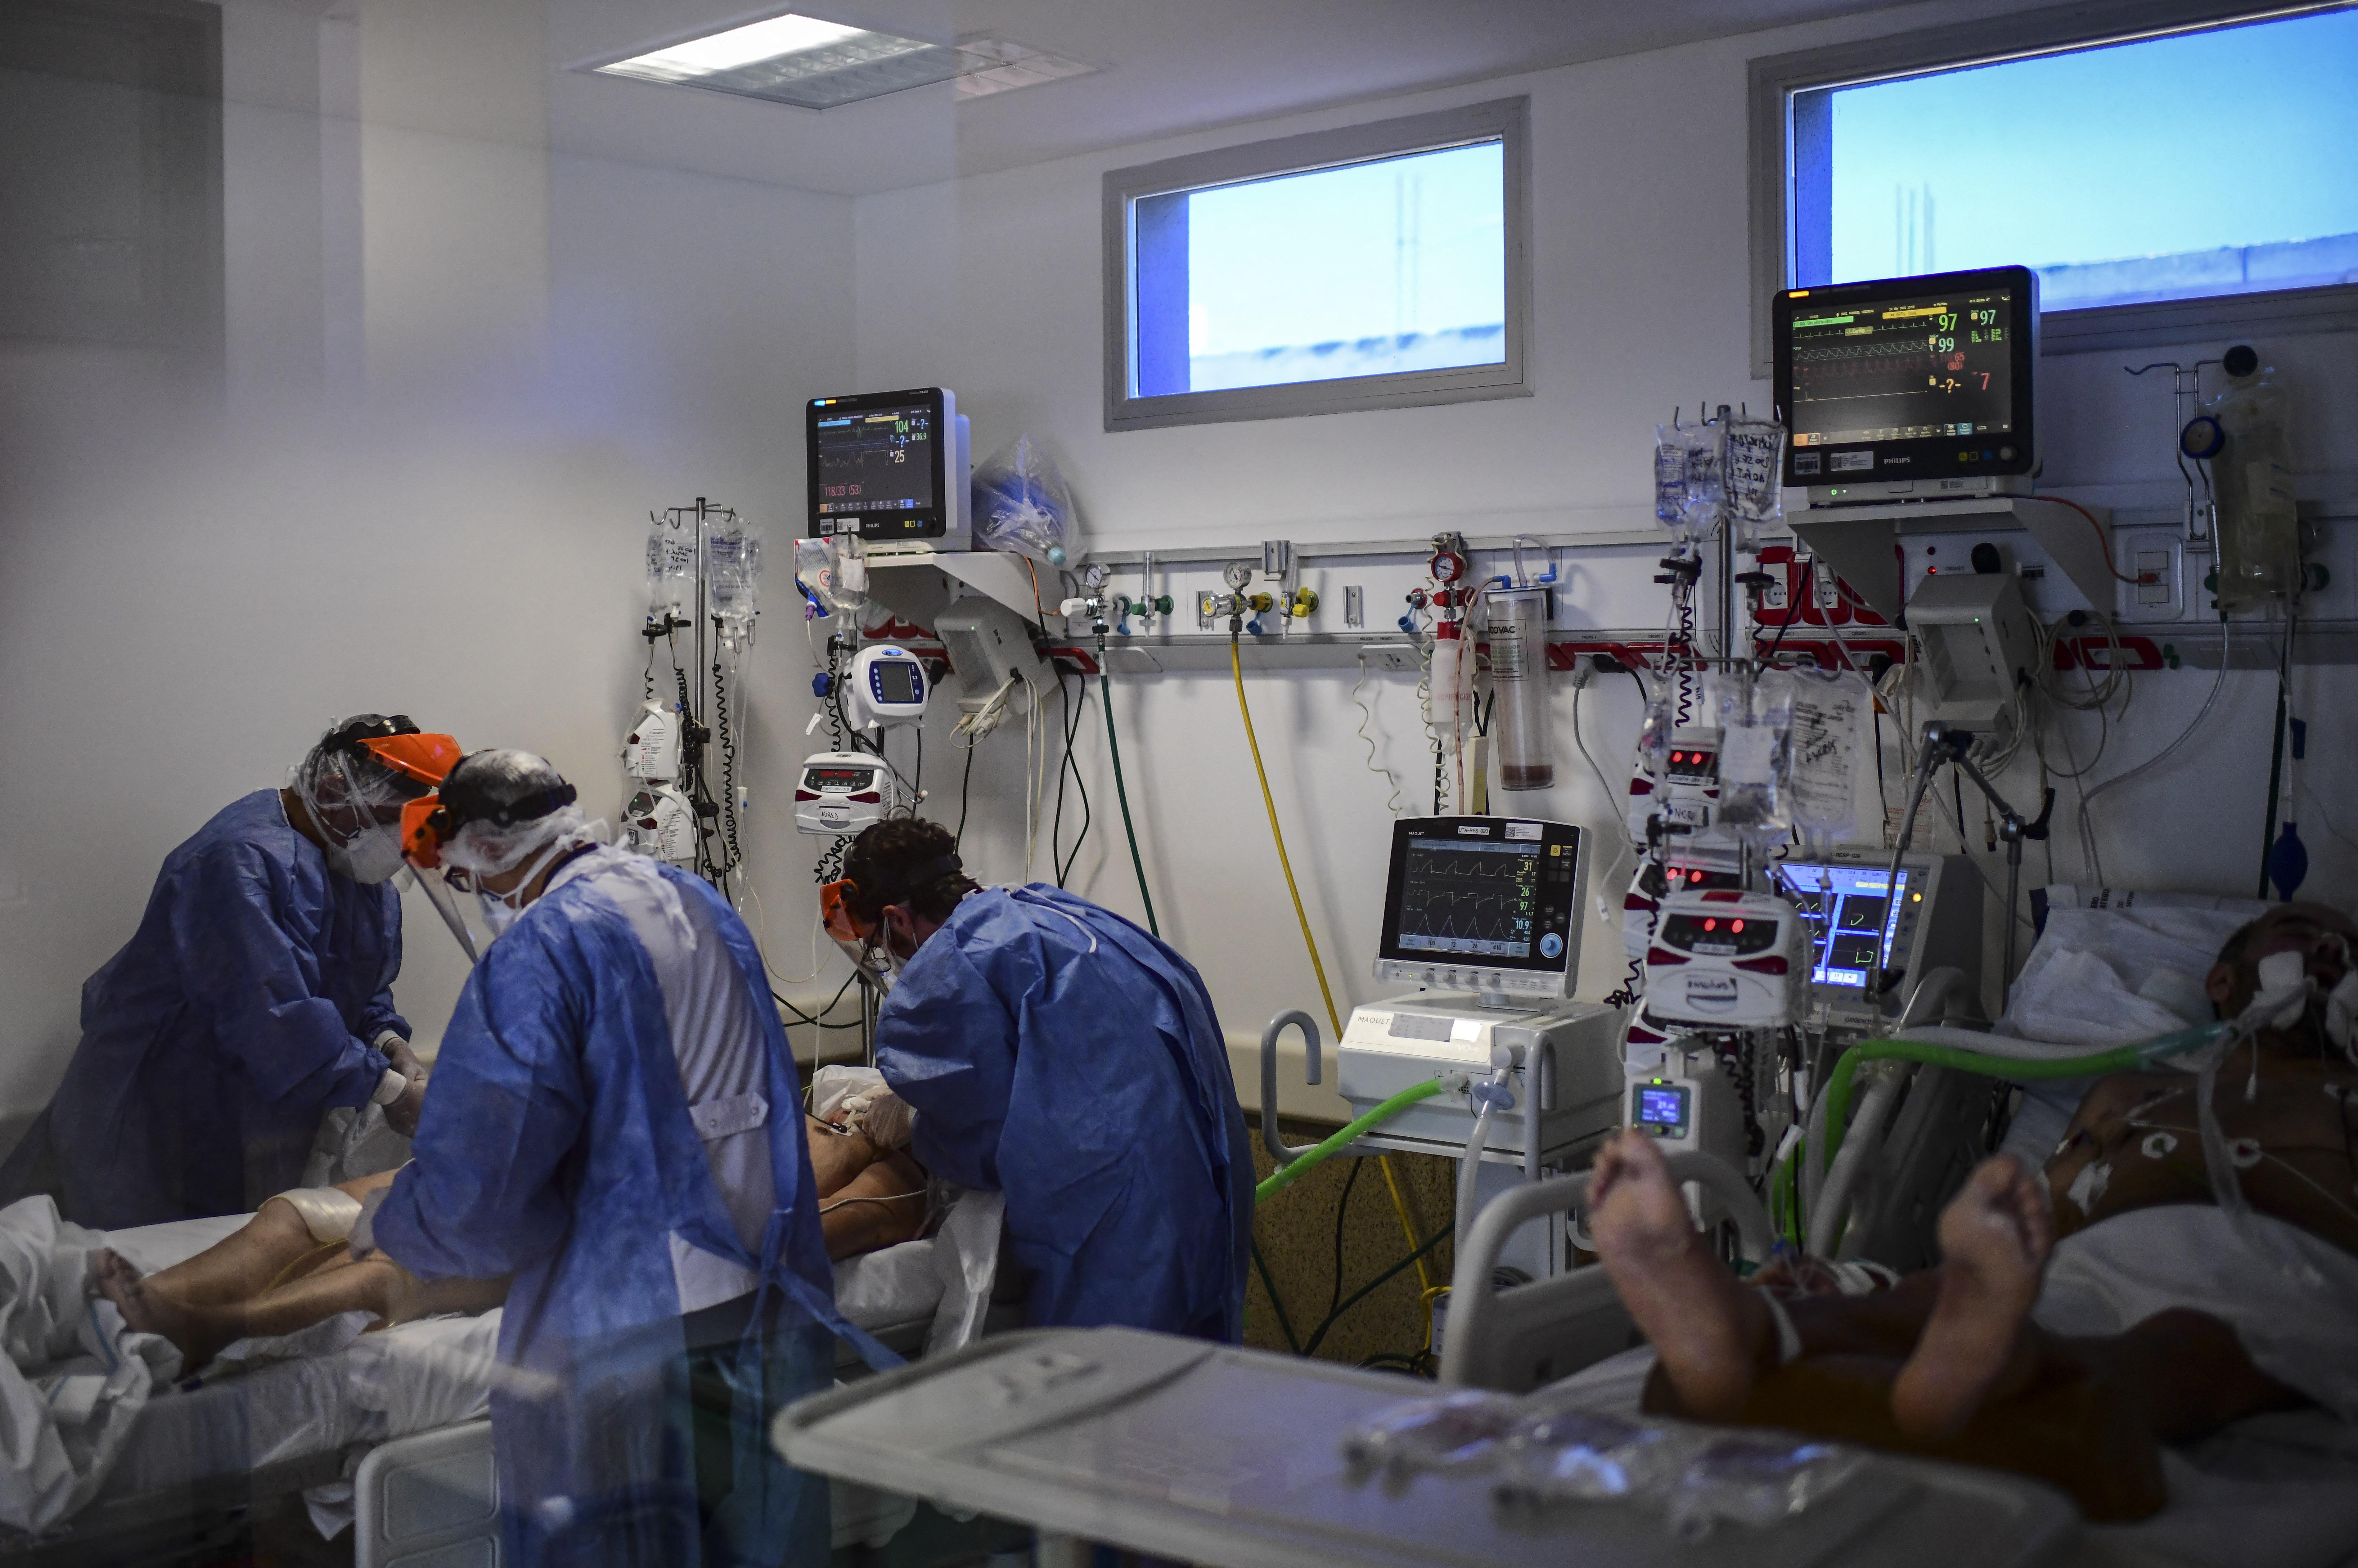 (Nas últimas 72 horas, quinze pessoas morreram de Covid-19 em hospitais, enquanto o número acumulado de mortes oficialmente registradas desde março de 2020 chega a 300. Foto: RONALDO SCHEMIDT / AFP)